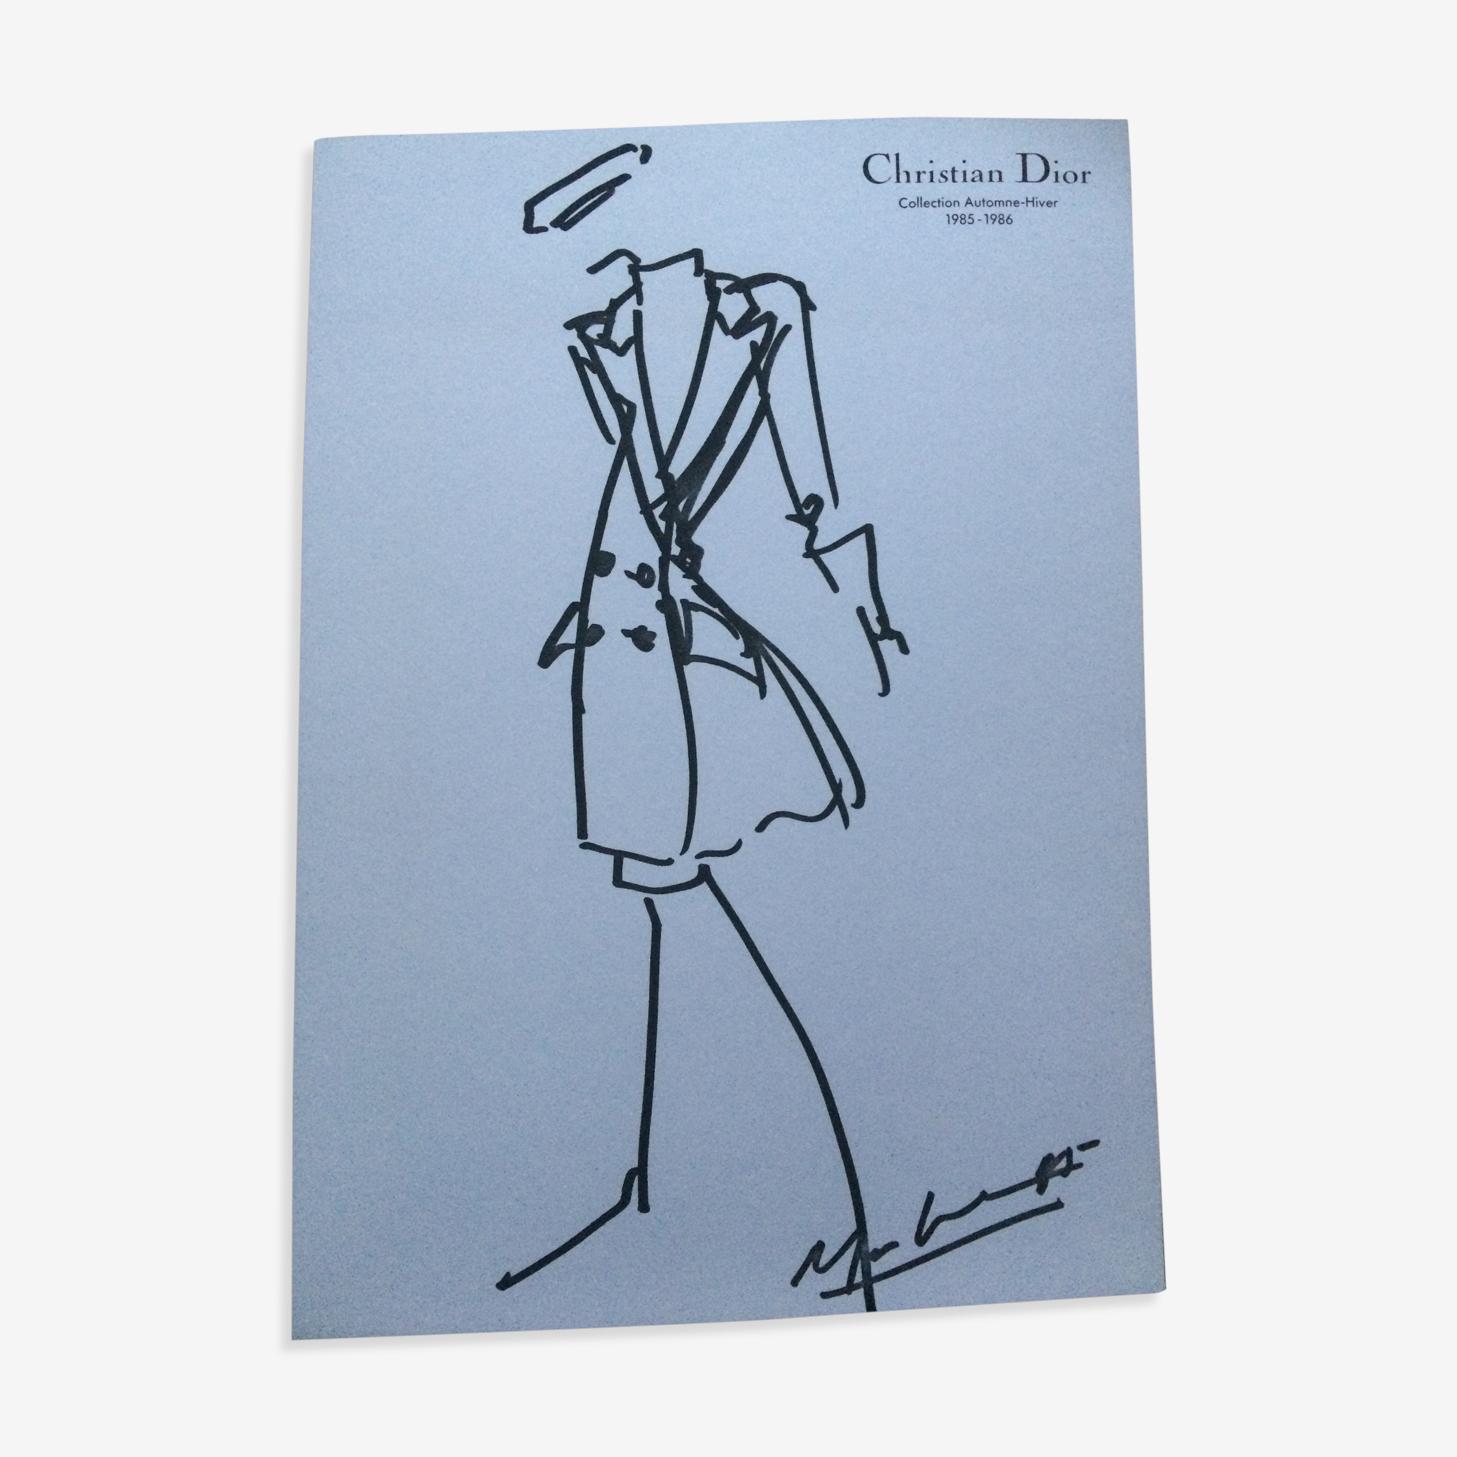 Croquis de mode Christian Dior accompagnée d'une photographie